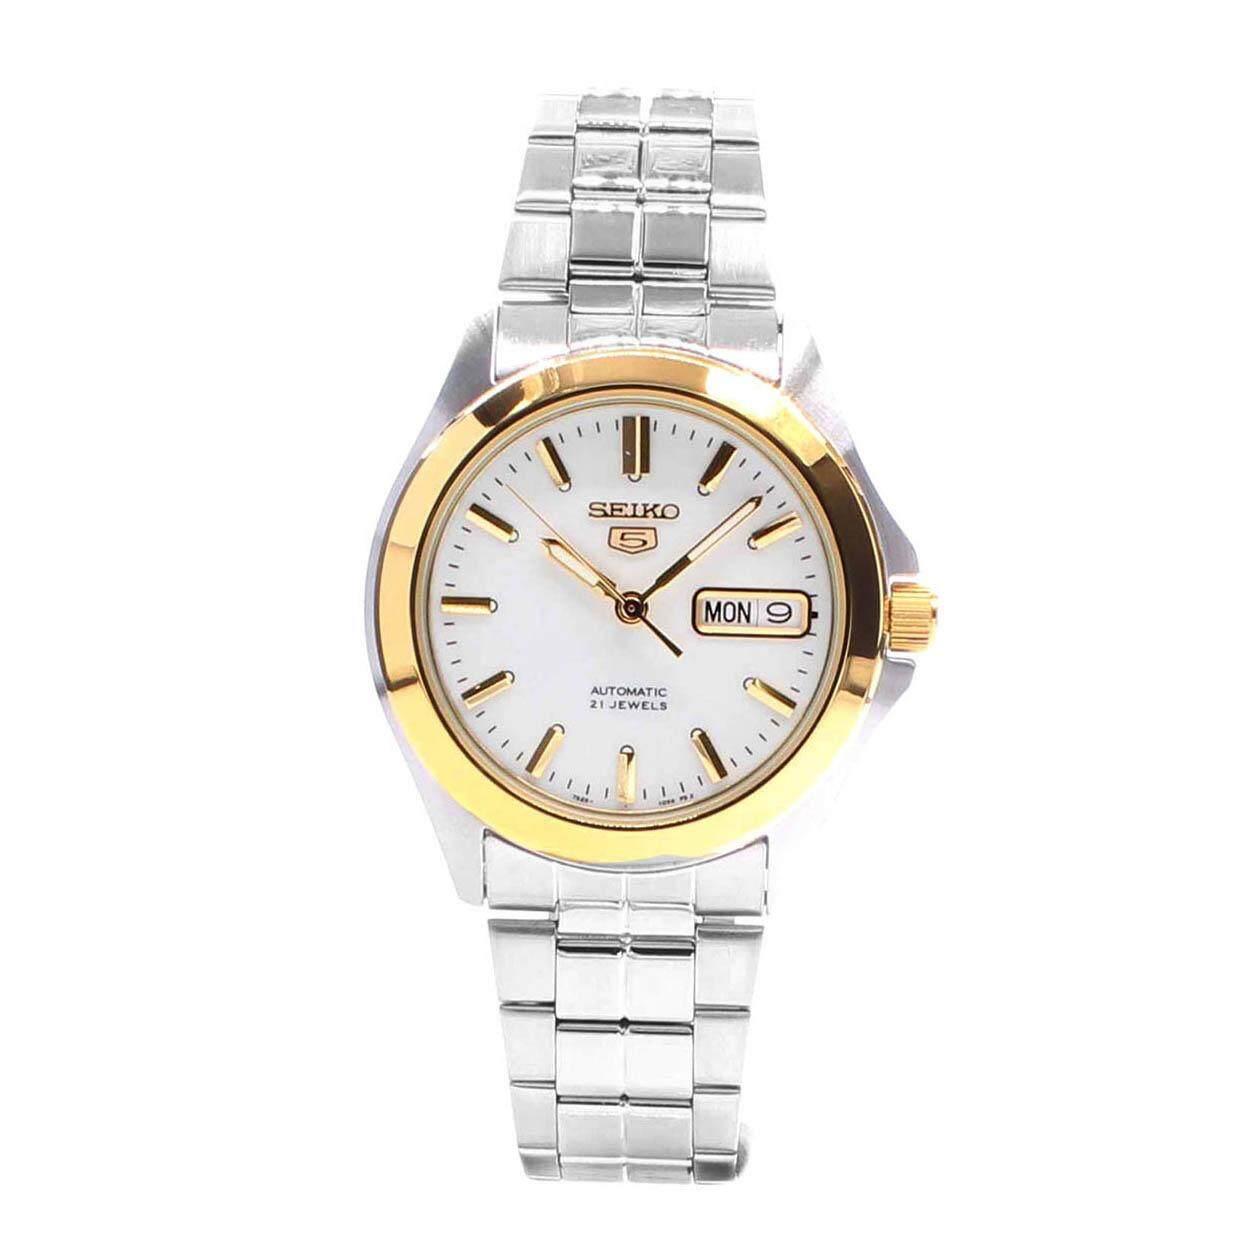 ขาย ซื้อ Seiko Watch 5 Automatic Silver Stainless Steel Case Stainless Steel Bracelet Mens Snkk96K1 ฮ่องกง